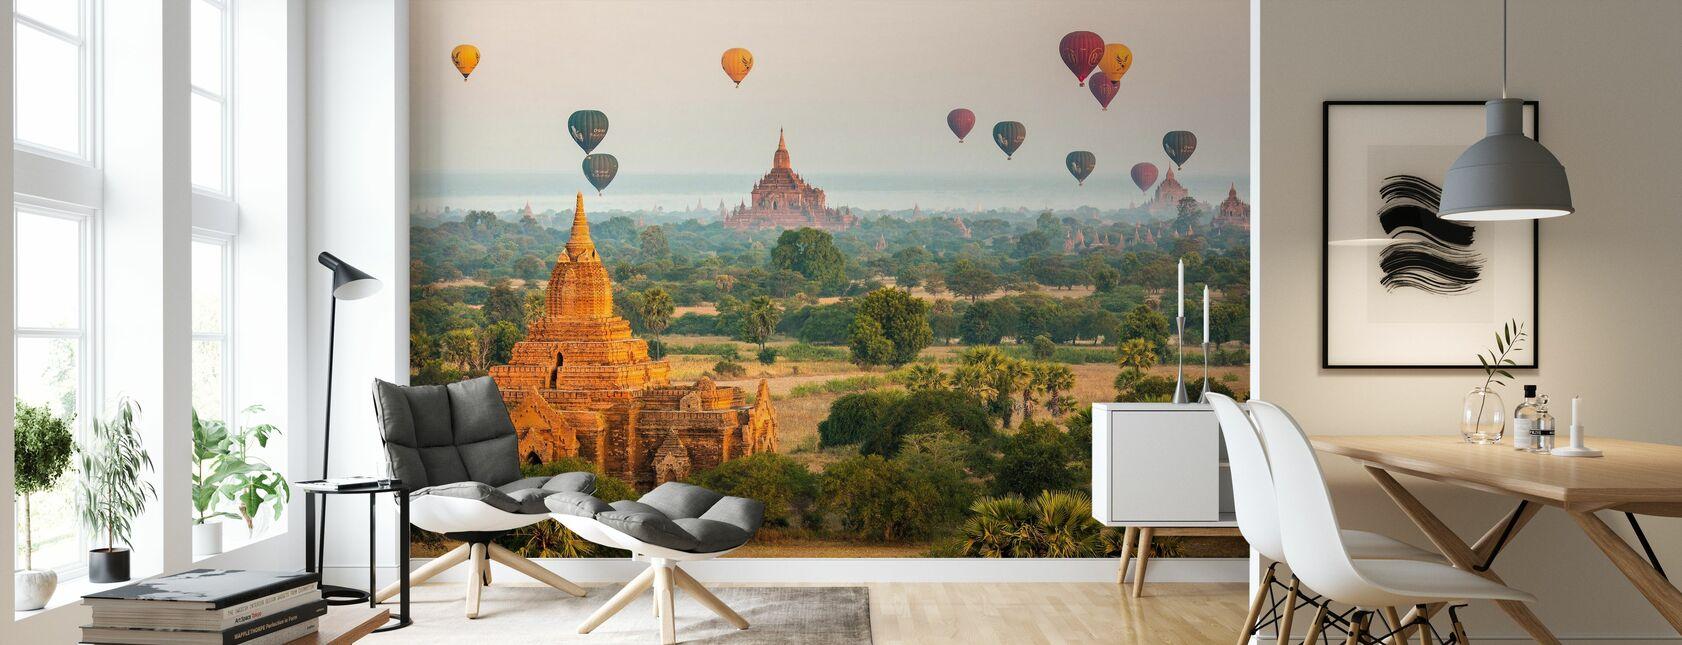 Bagan Baloons - Tapete - Wohnzimmer